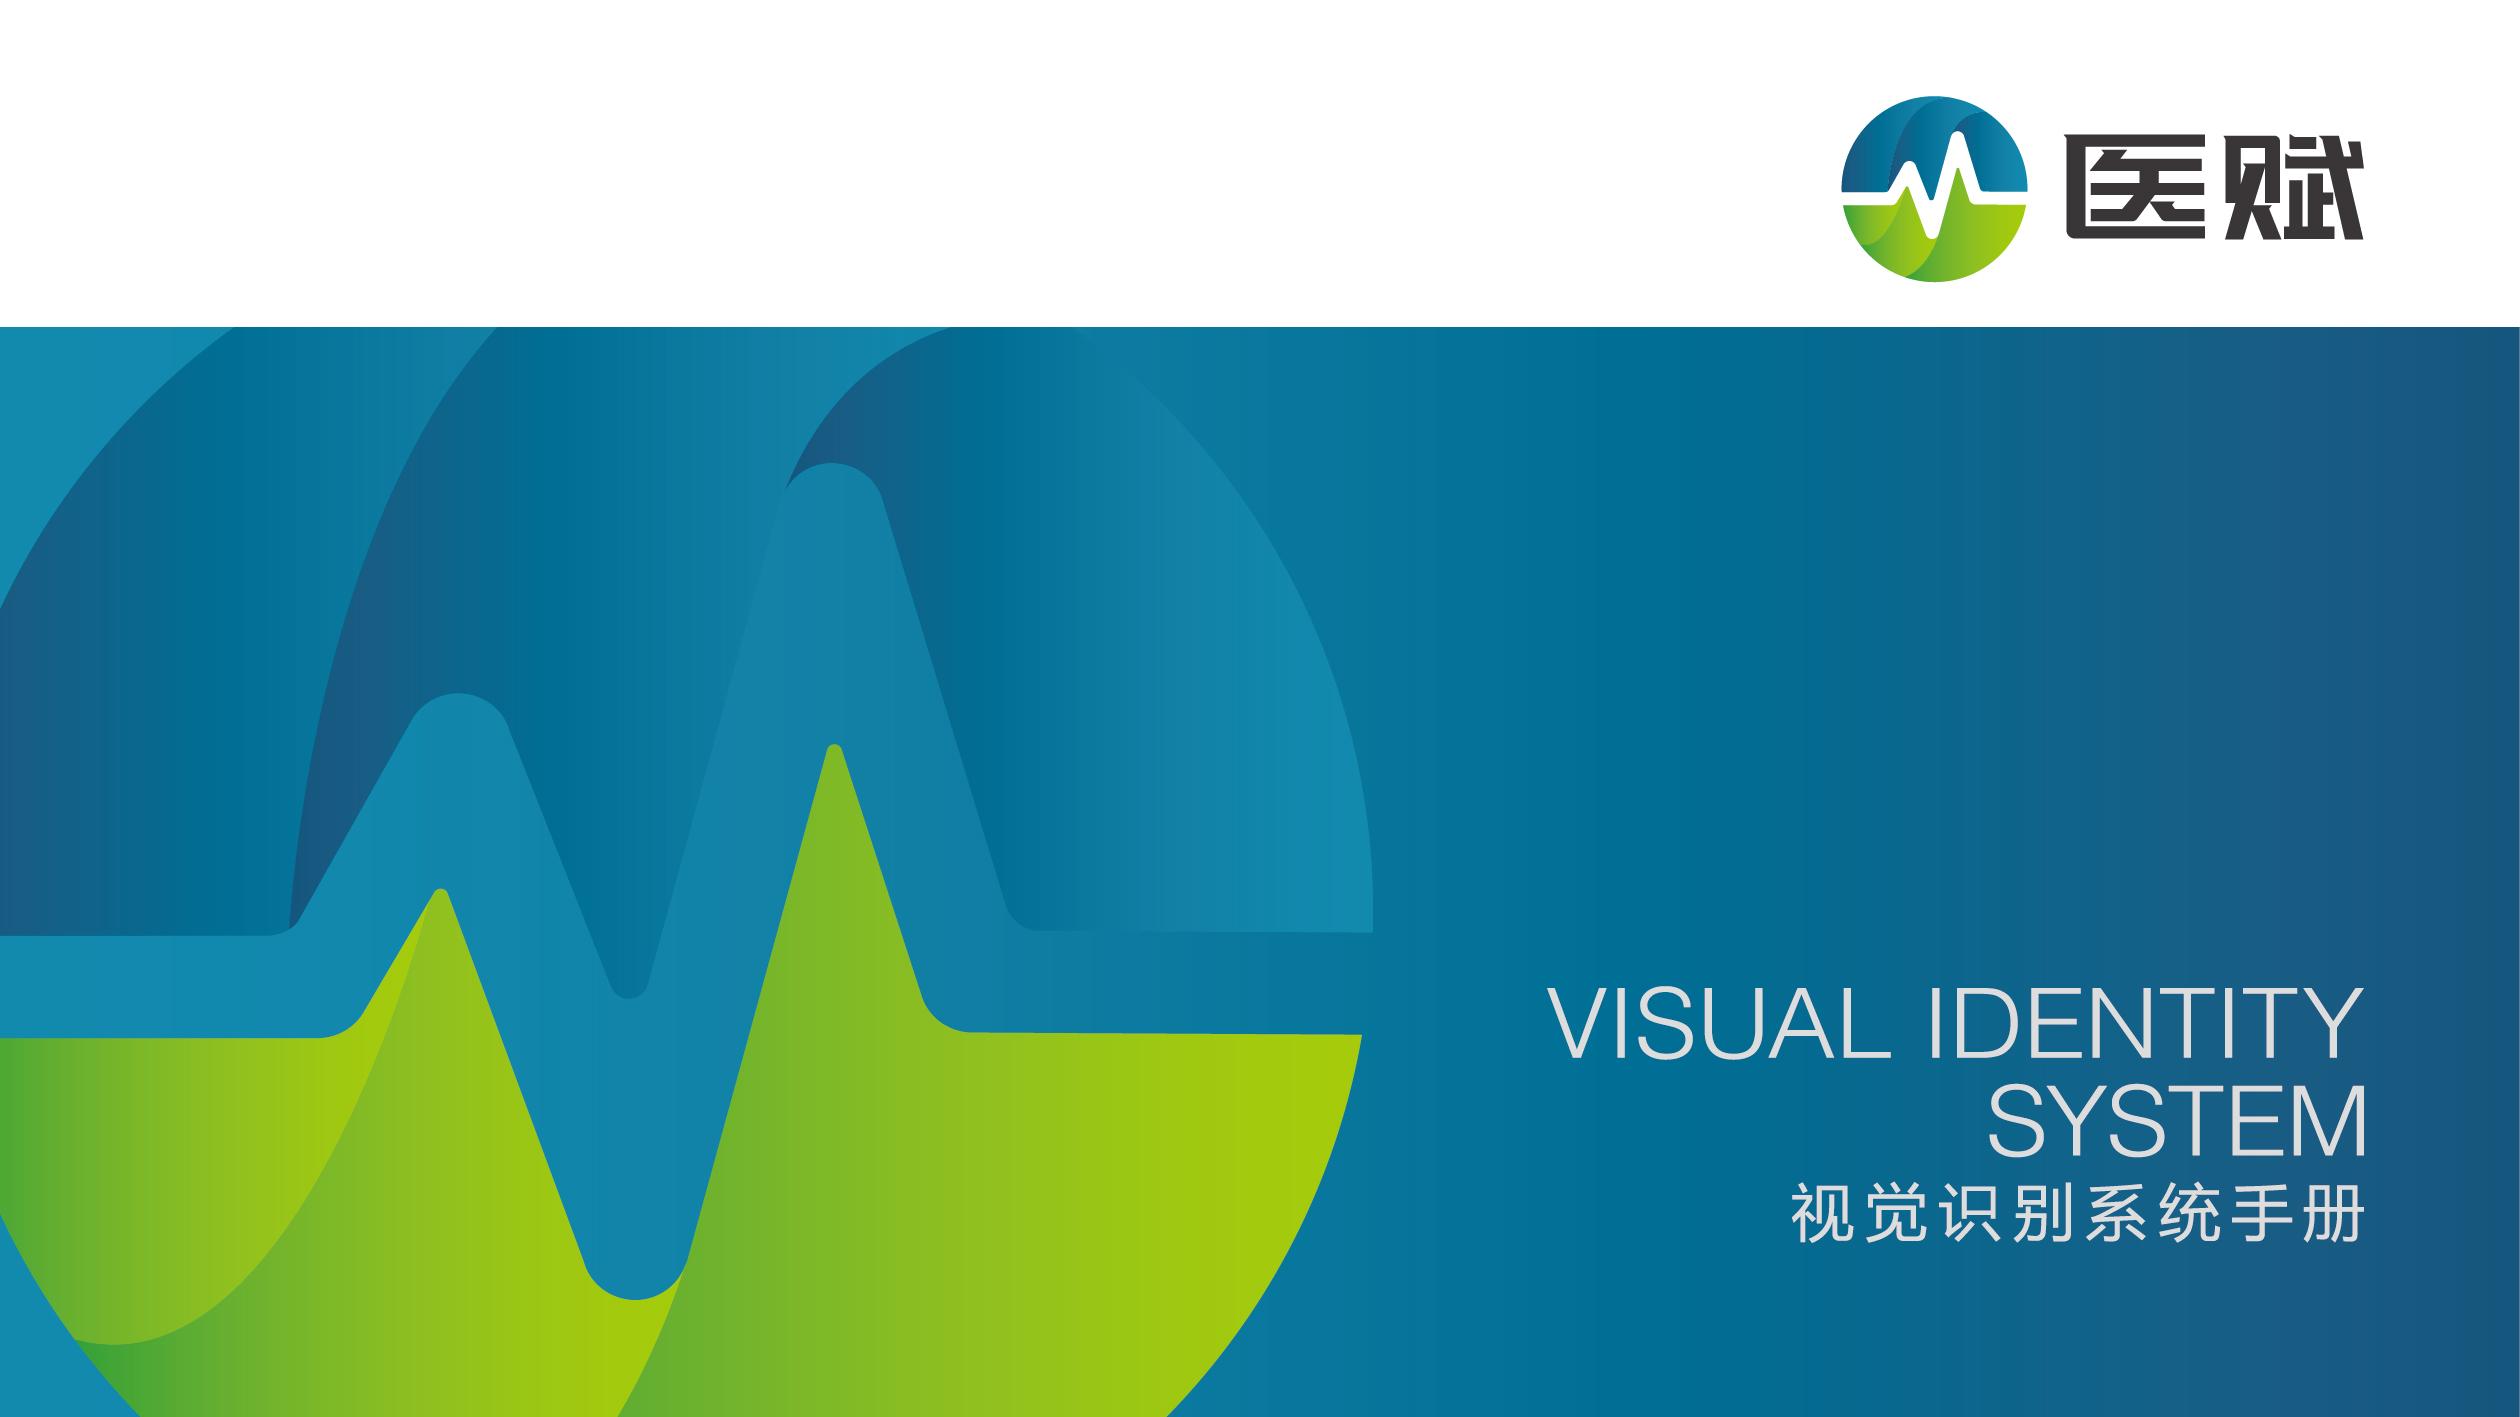 唐乐云康科技有限公司VI设计